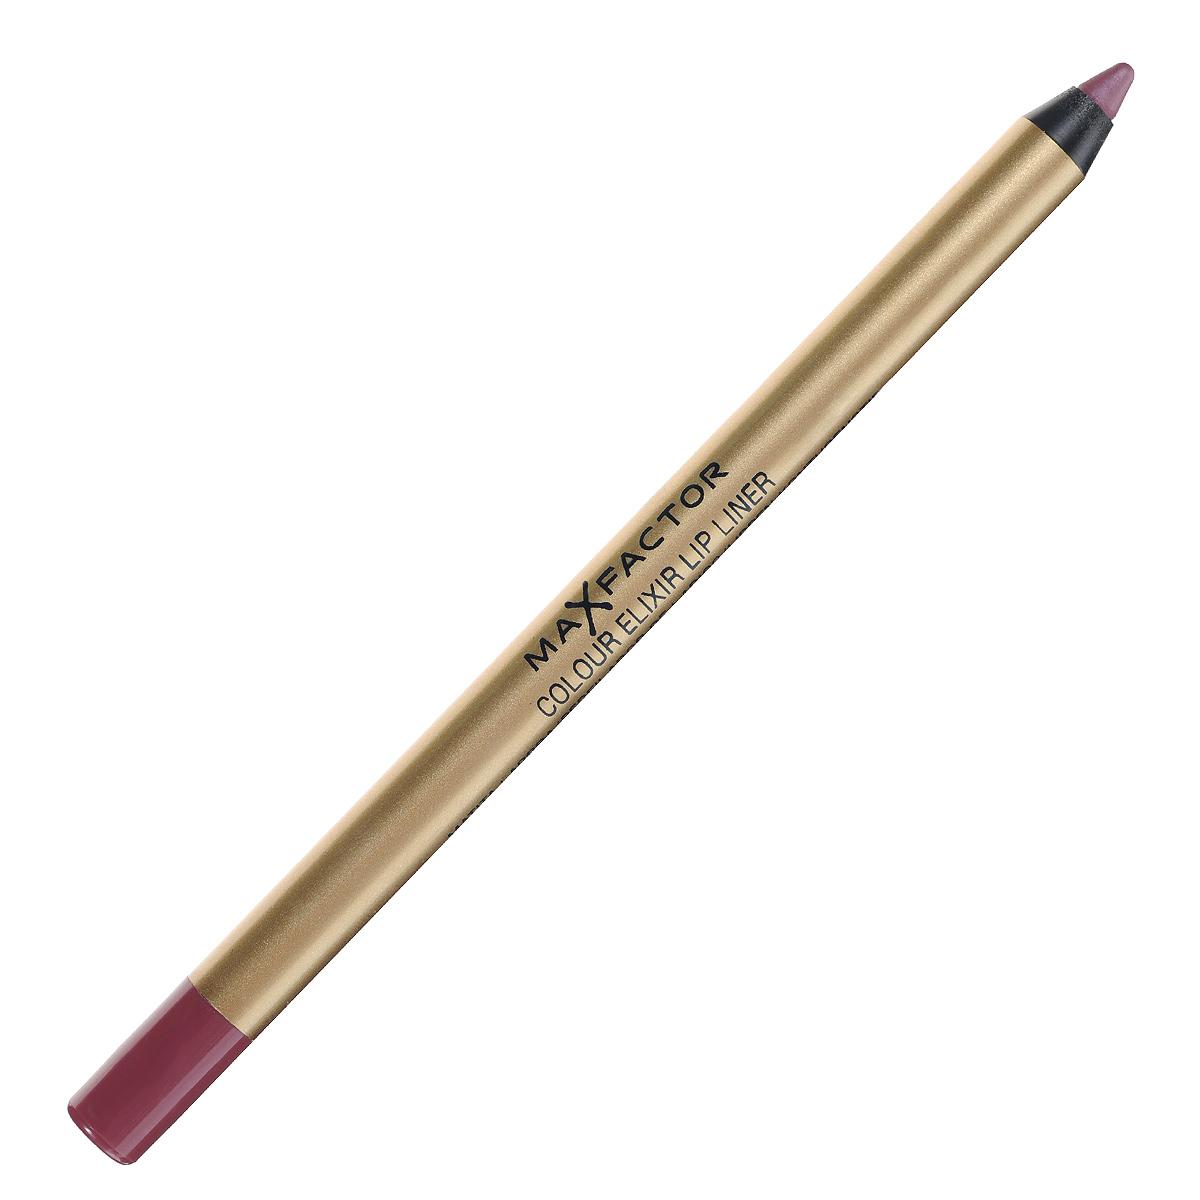 Max Factor Карандаш для губ Colour Elixir Lip Liner, тон №04 pink princess, цвет: розовыйA7861156Секрет эффектного макияжа губ - правильный карандаш. Он мягко касается губ и рисует точную линию, подчеркивая контур и одновременно ухаживая за губами. Карандаш для губ Colour Elixir подчеркивает твои губы, придавая им форму. - Роскошный цвет и увлажнение для мягких и гладких губ. - Оттенки подходят к палитре помады Colour Elixir. - Легко наносится.1. Выбирай карандаш на один тон темнее твоей помады 2. Наточи карандаш и смягчи кончик салфеткой 3. Подведи губы в уголках, дугу Купидона и середину нижней губы, затем соедини линии 4. Нанеси несколько легких штрихов на губы, чтобы помада держалась дольше.